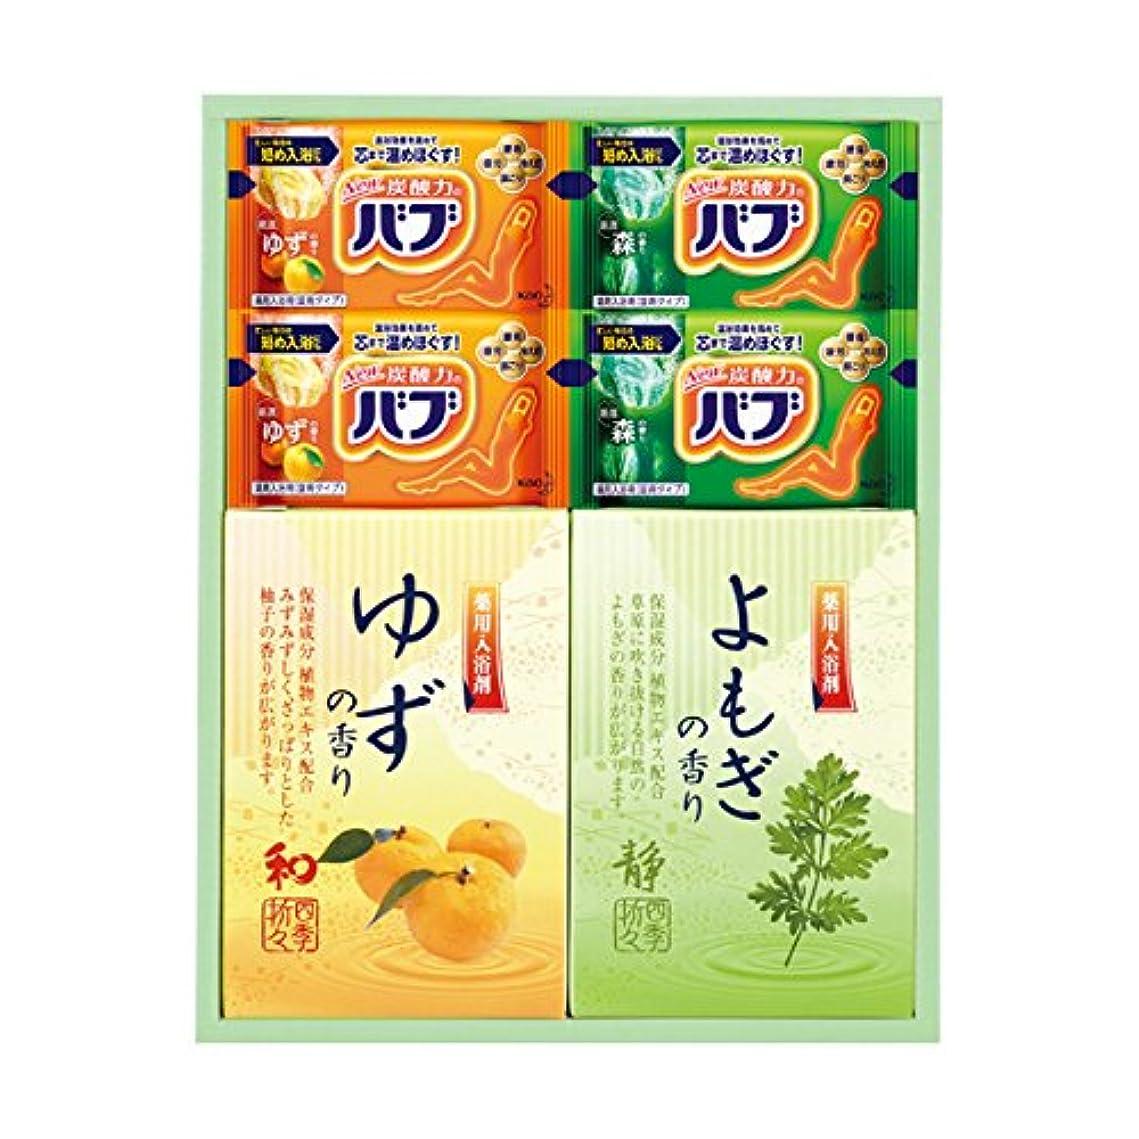 用心する黄ばむそばに炭酸 薬用入浴剤セット BKK-10 BKK-10